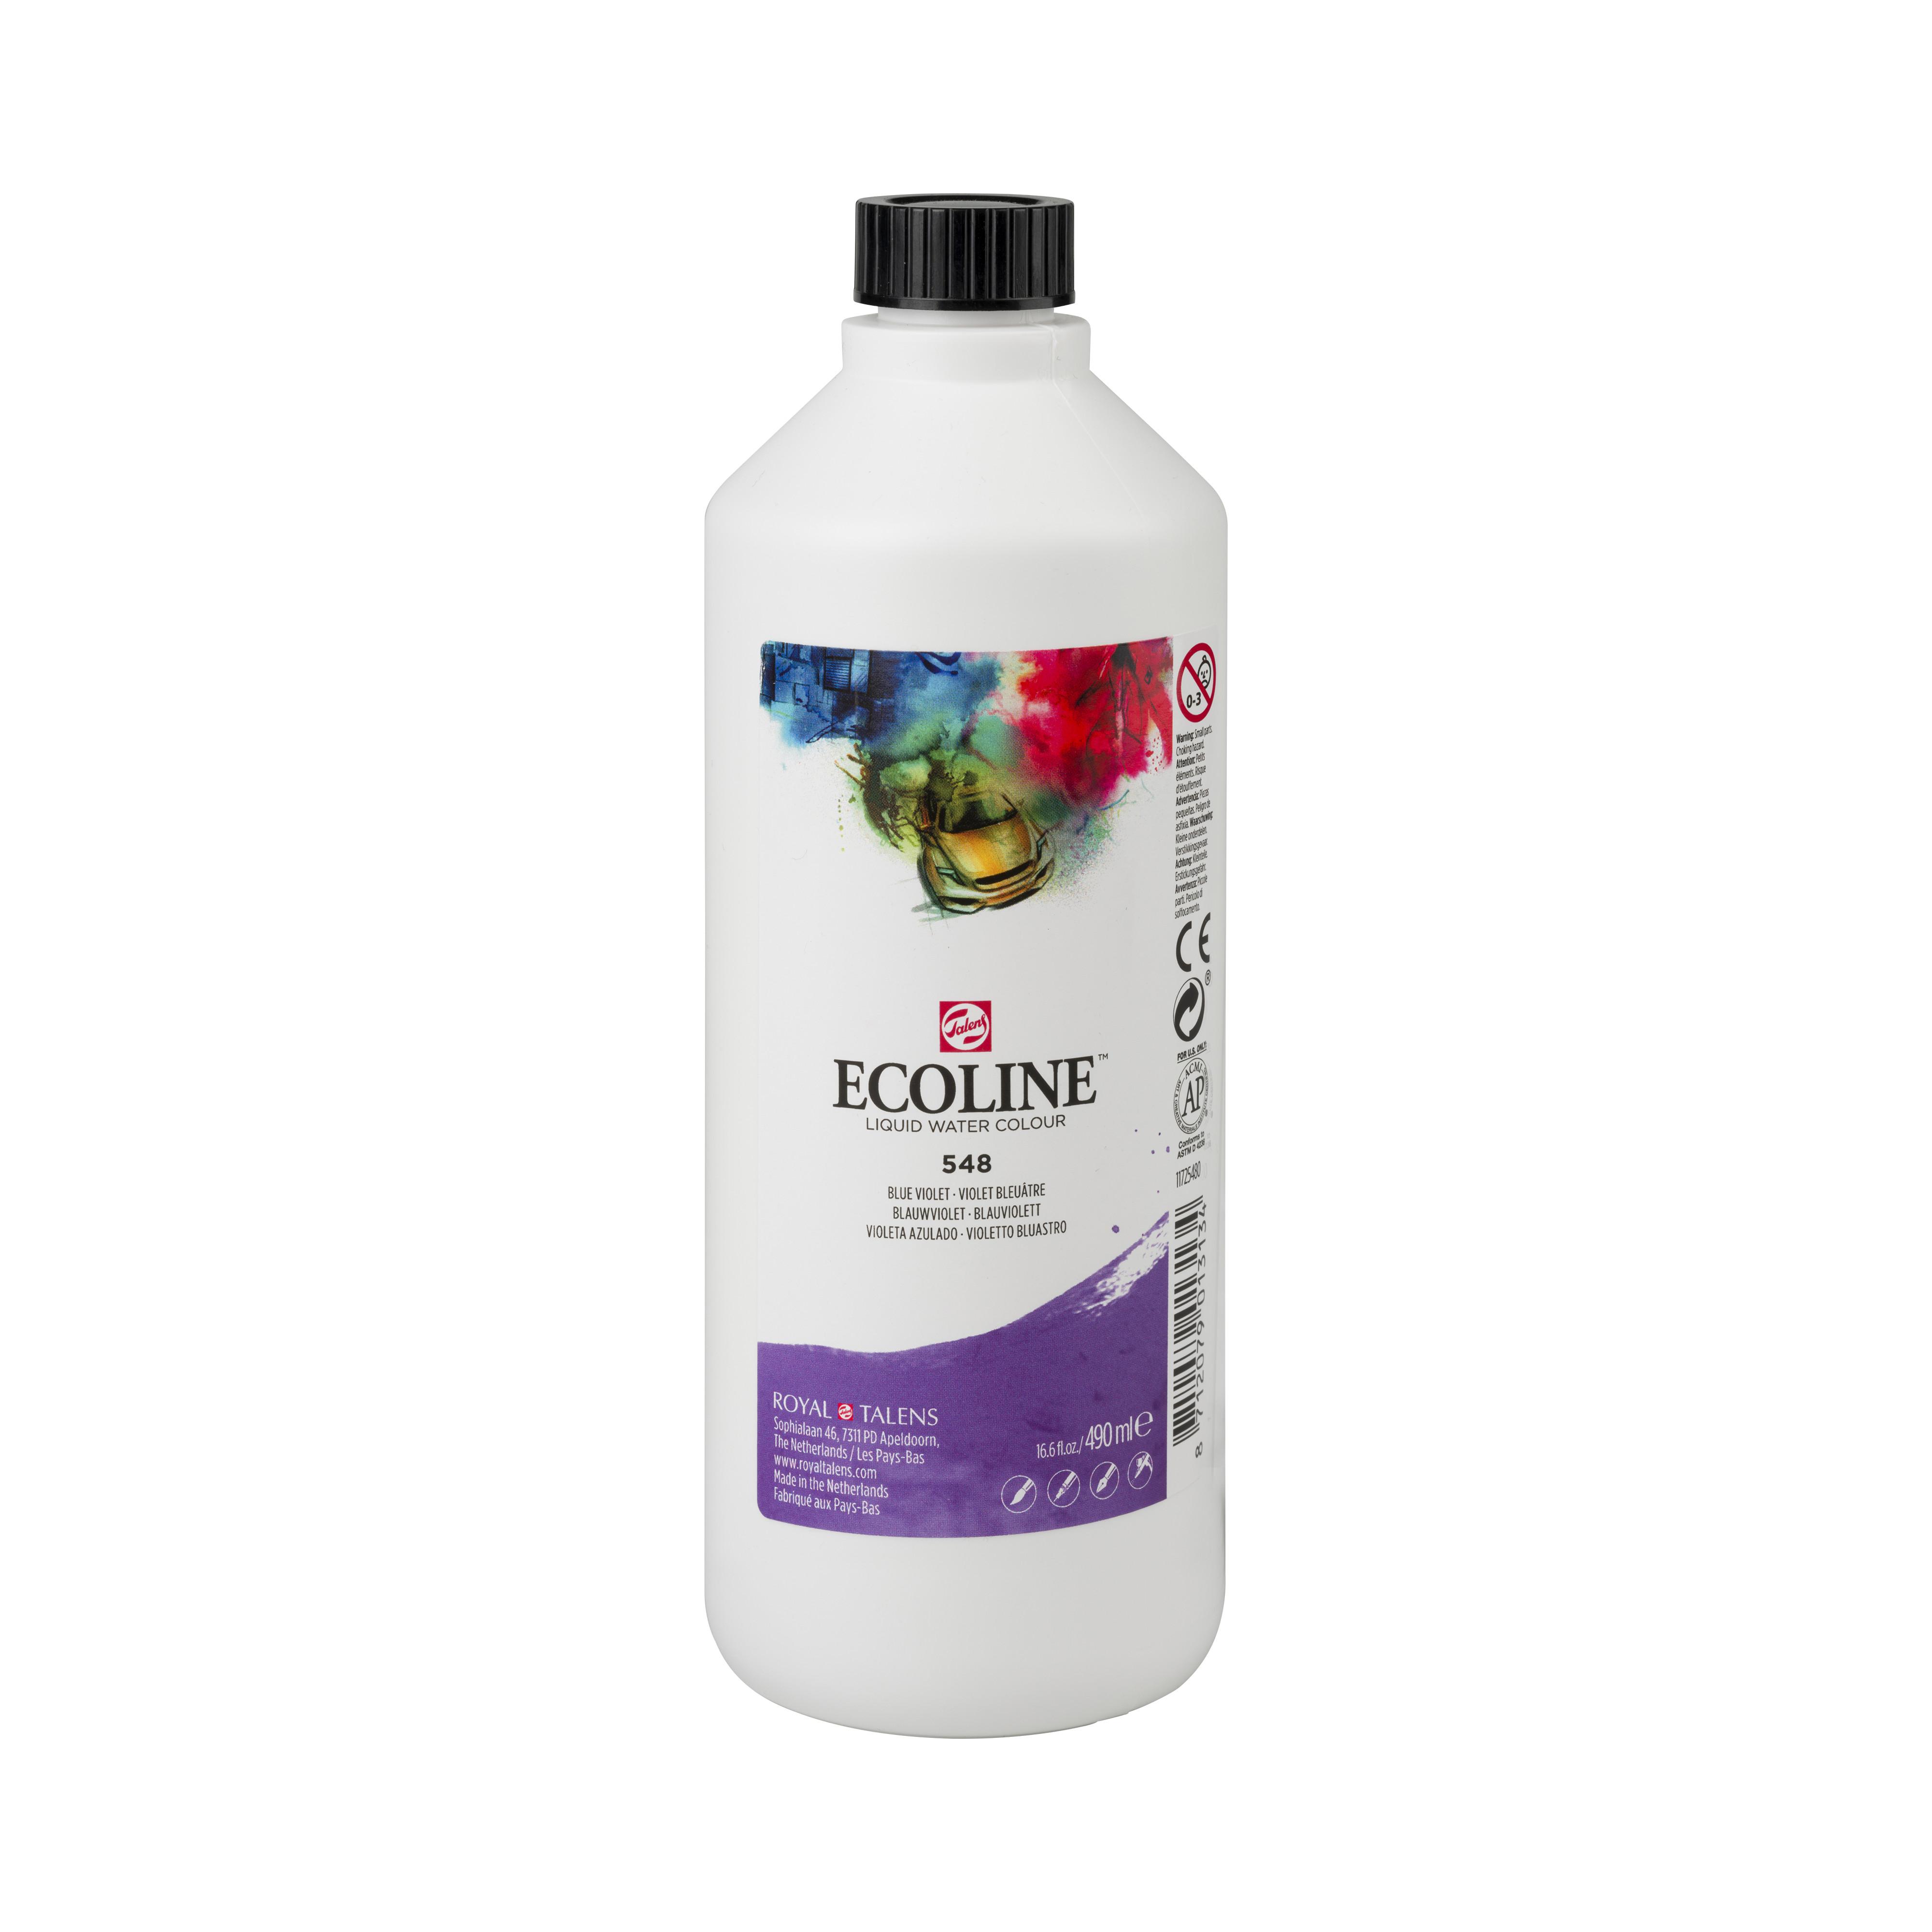 Ecoline Liquid Watercolour Plastic Bottle 490 ml Blue Violet 548